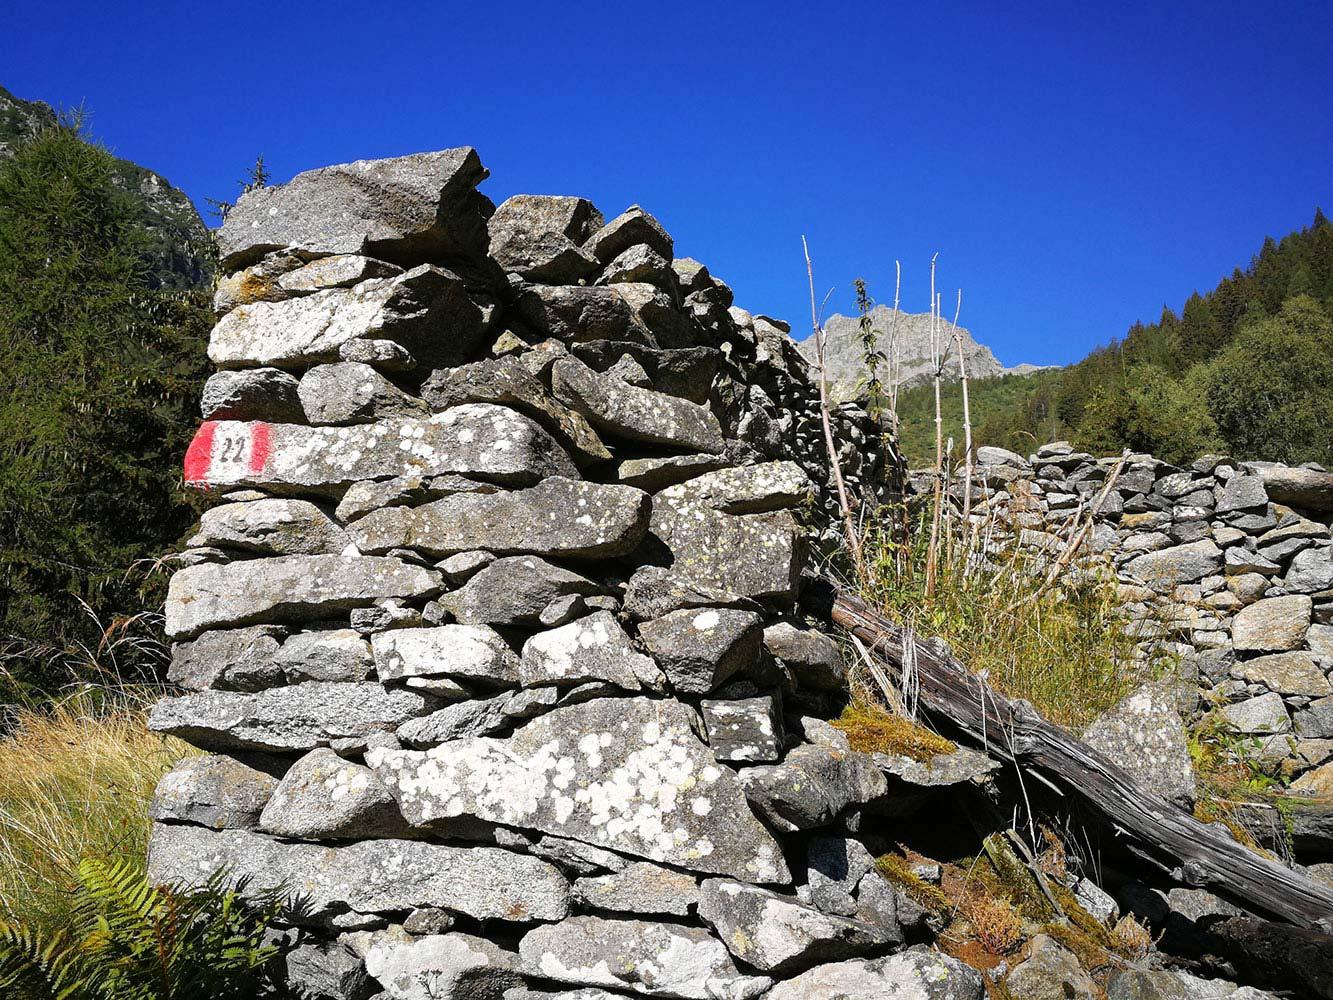 sentiero-22-cevo-lago-spluga